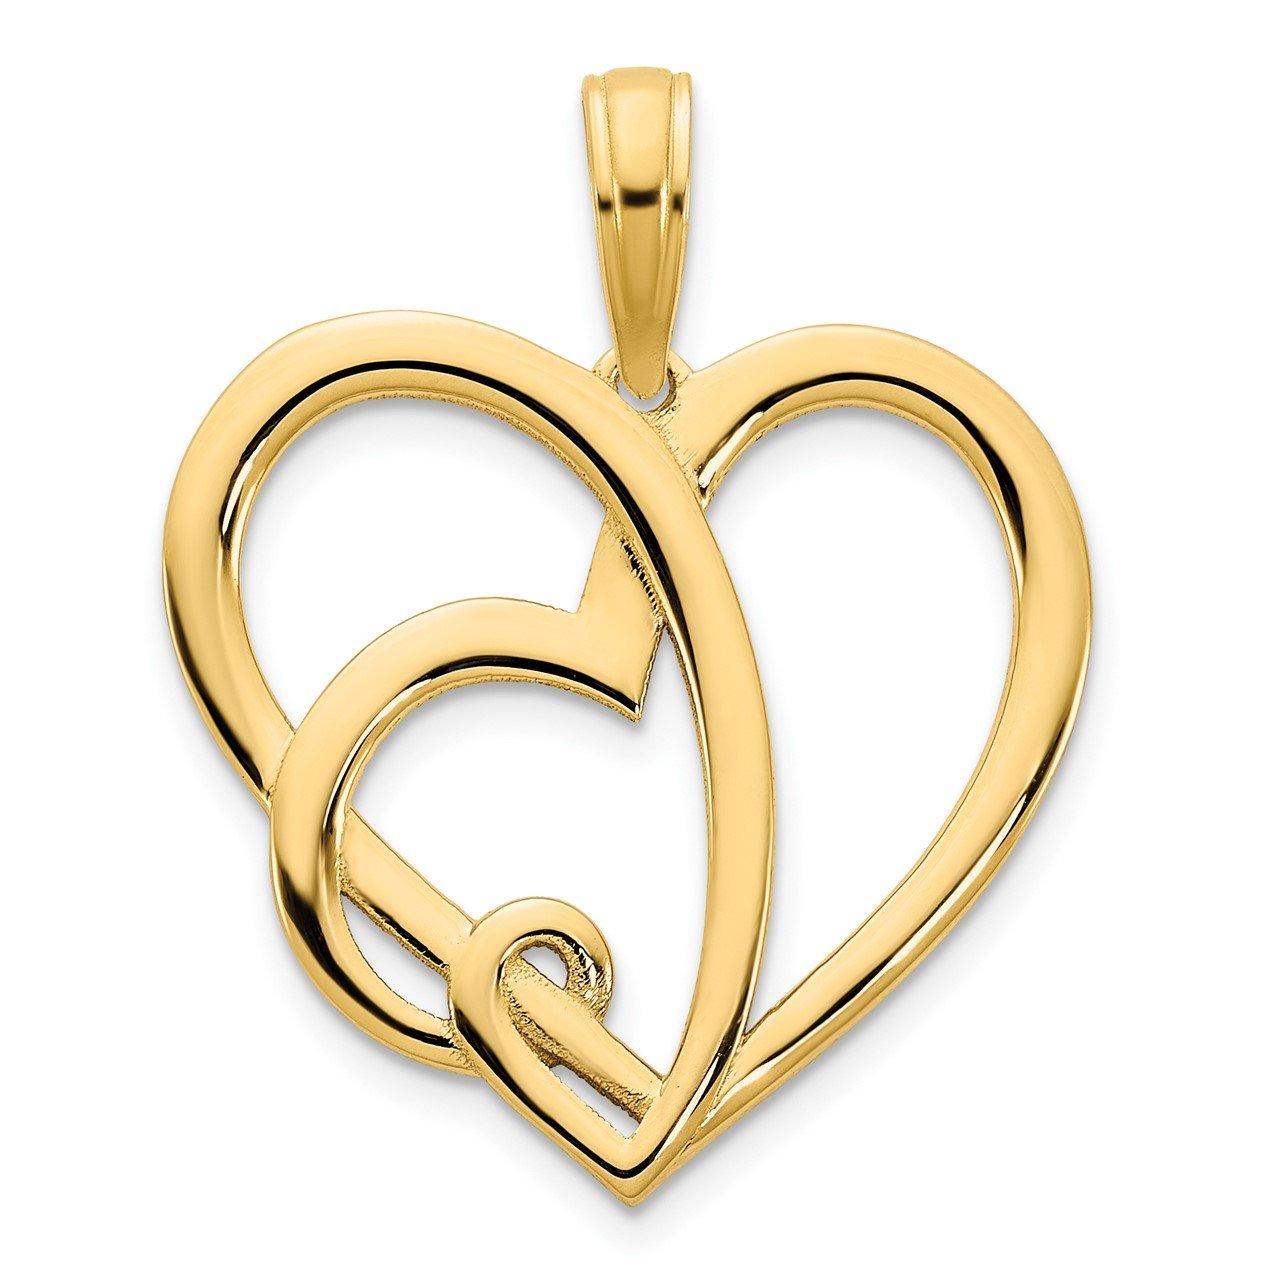 14k Heart in a Heart Pendant